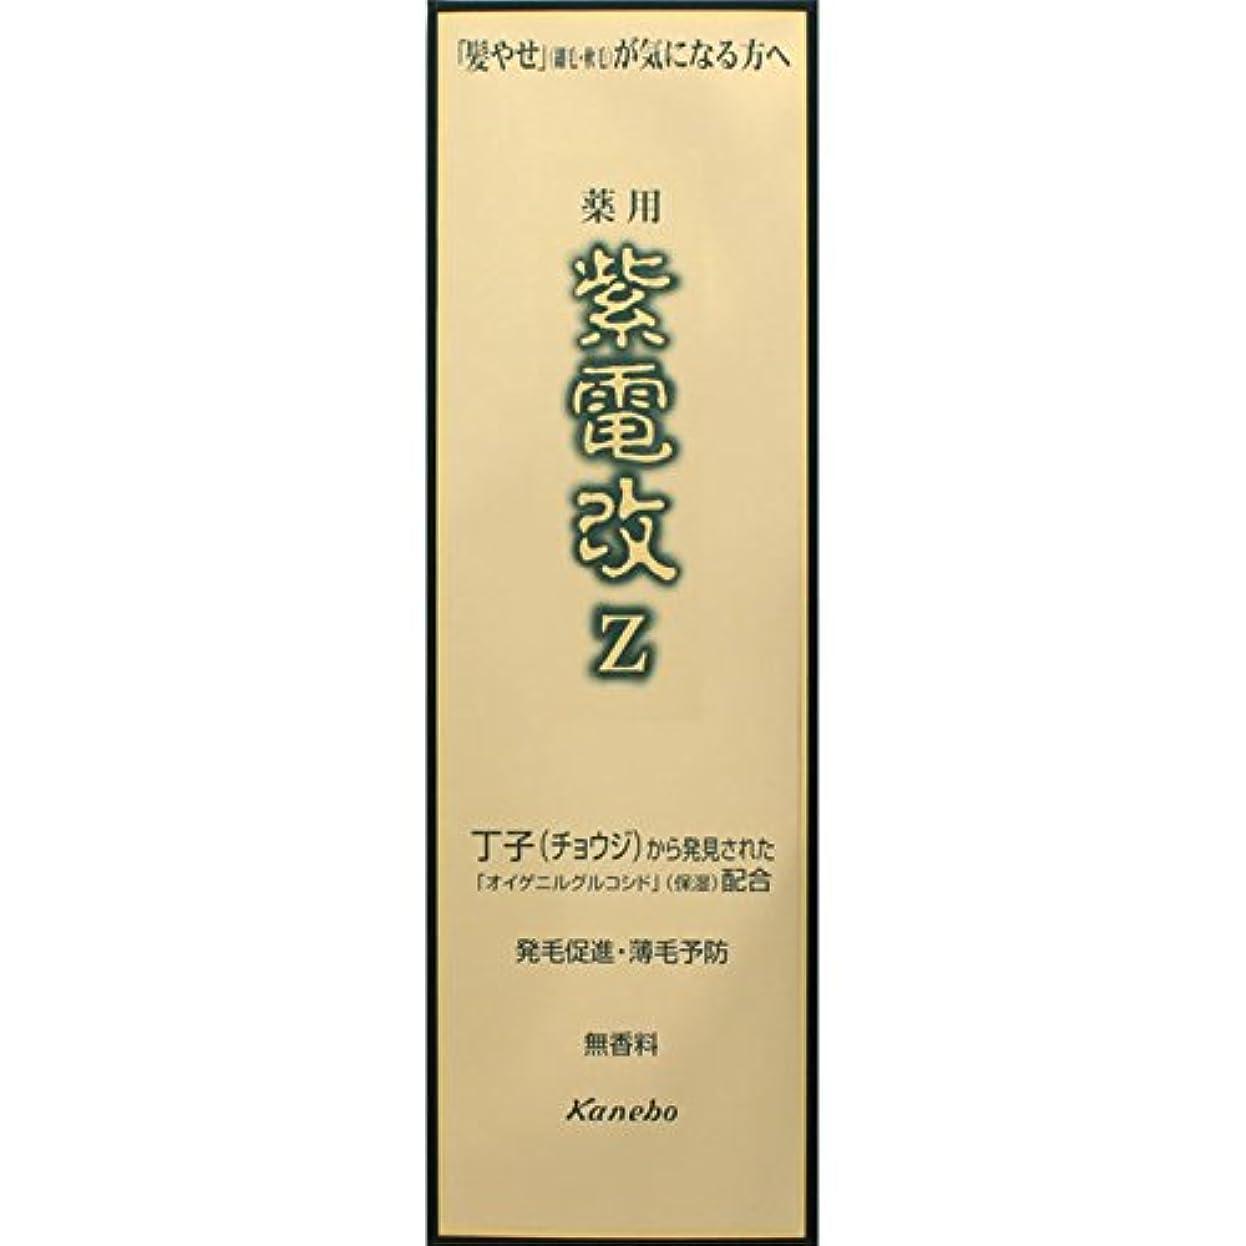 ショルダーポール豊富な薬用 紫電改Z 220ml